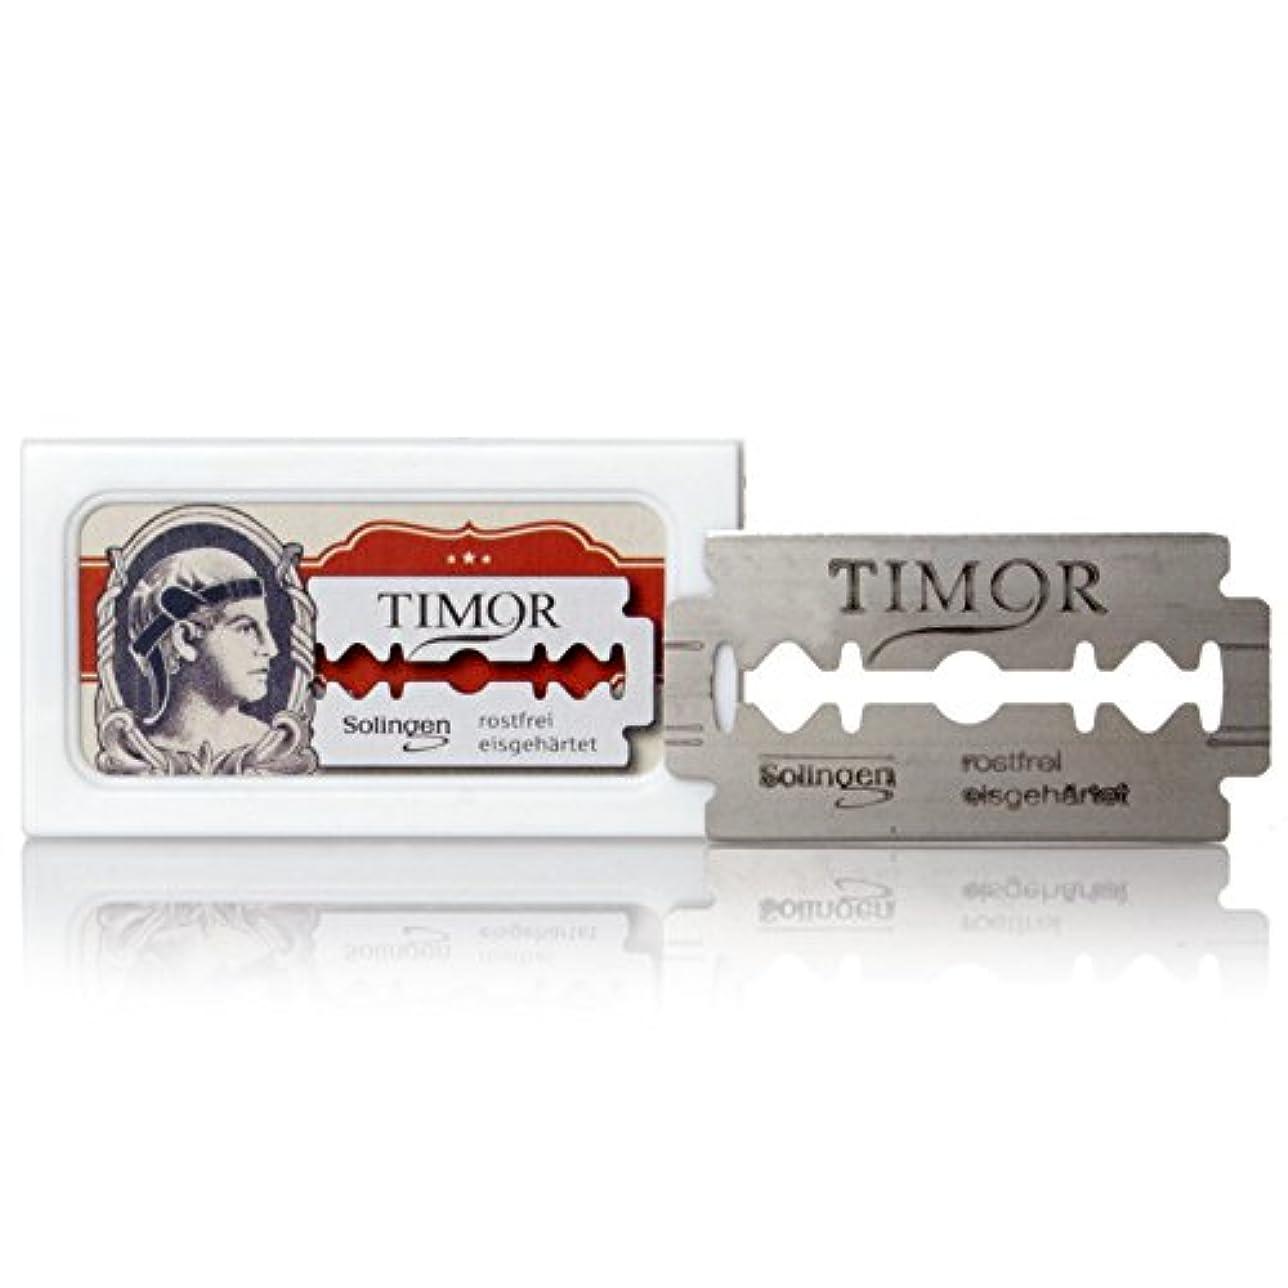 ガイドライン簡略化する魅力Timor - razor blades, stainless, 10 pieces